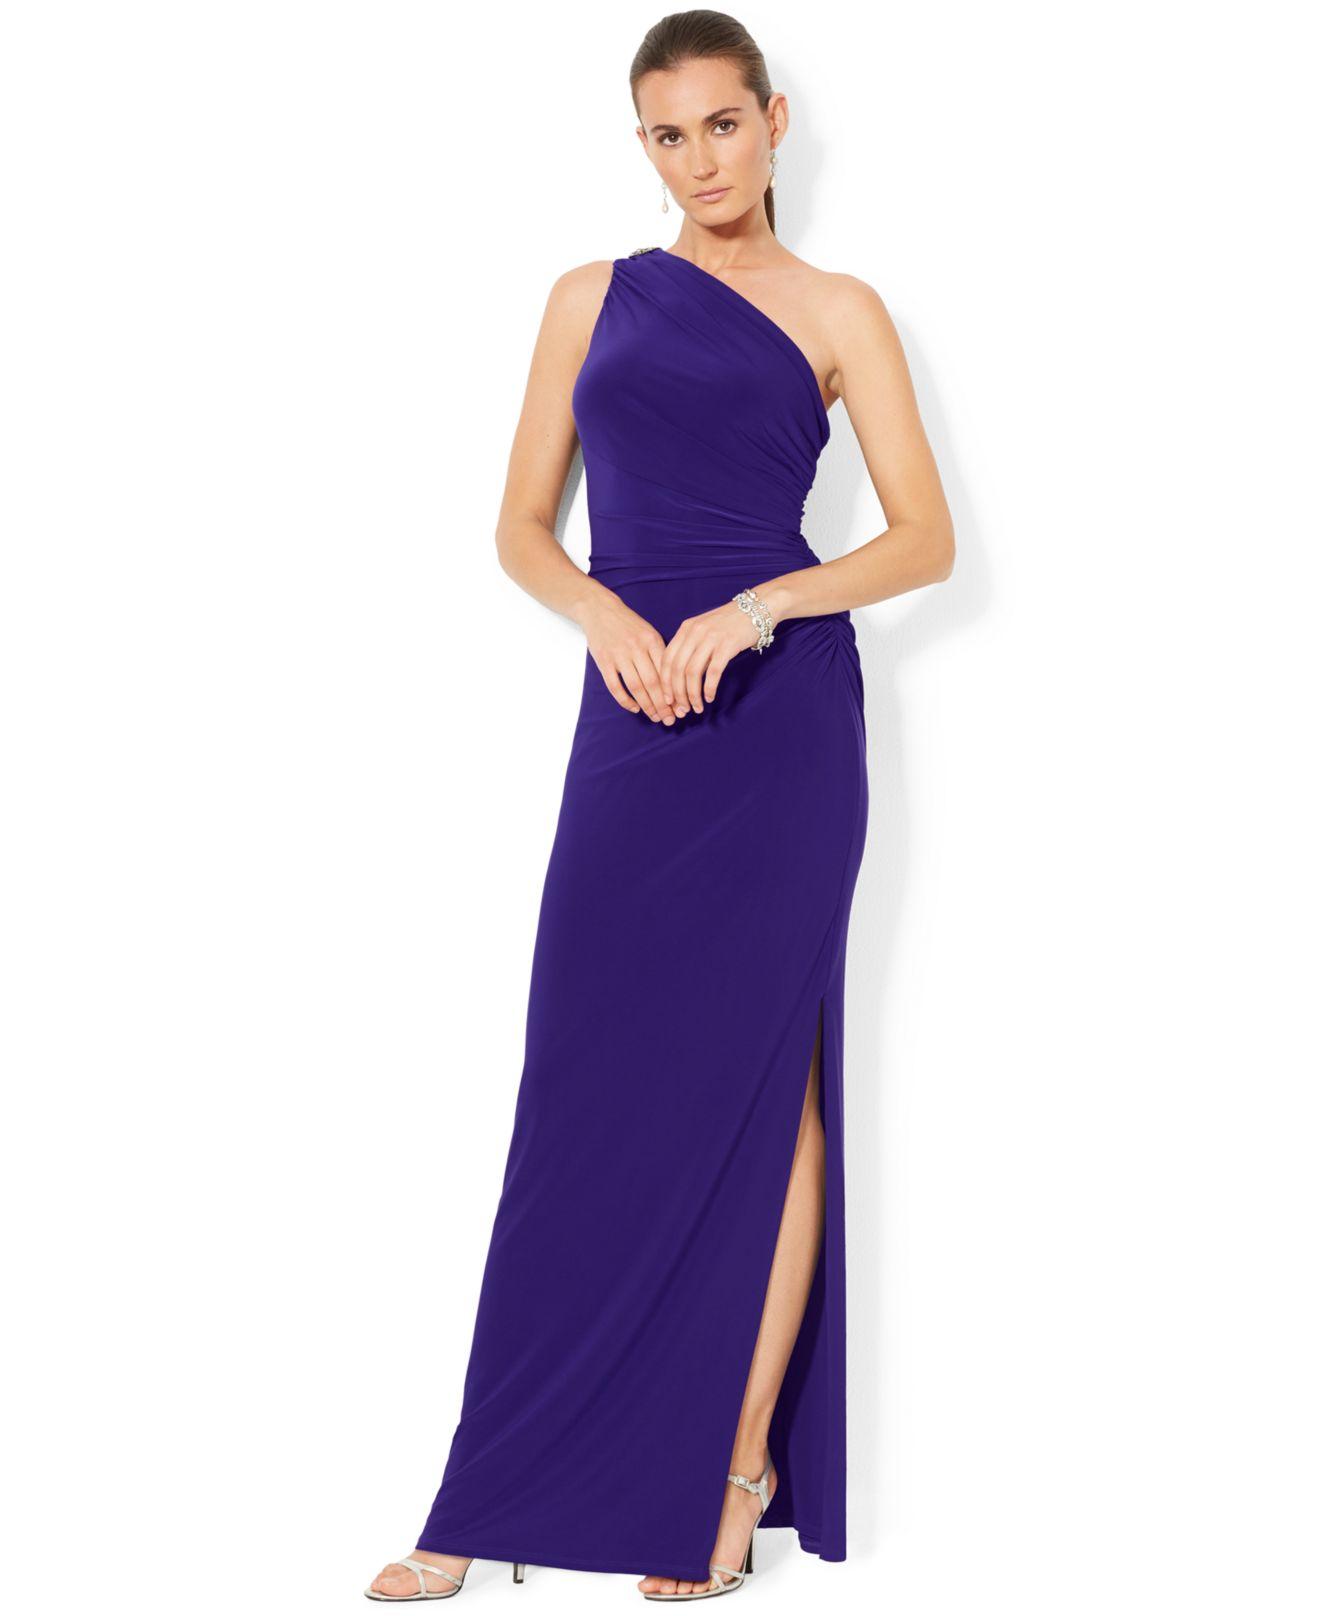 Lauren By Ralph Lauren One Shoulder Evening Gown In Purple